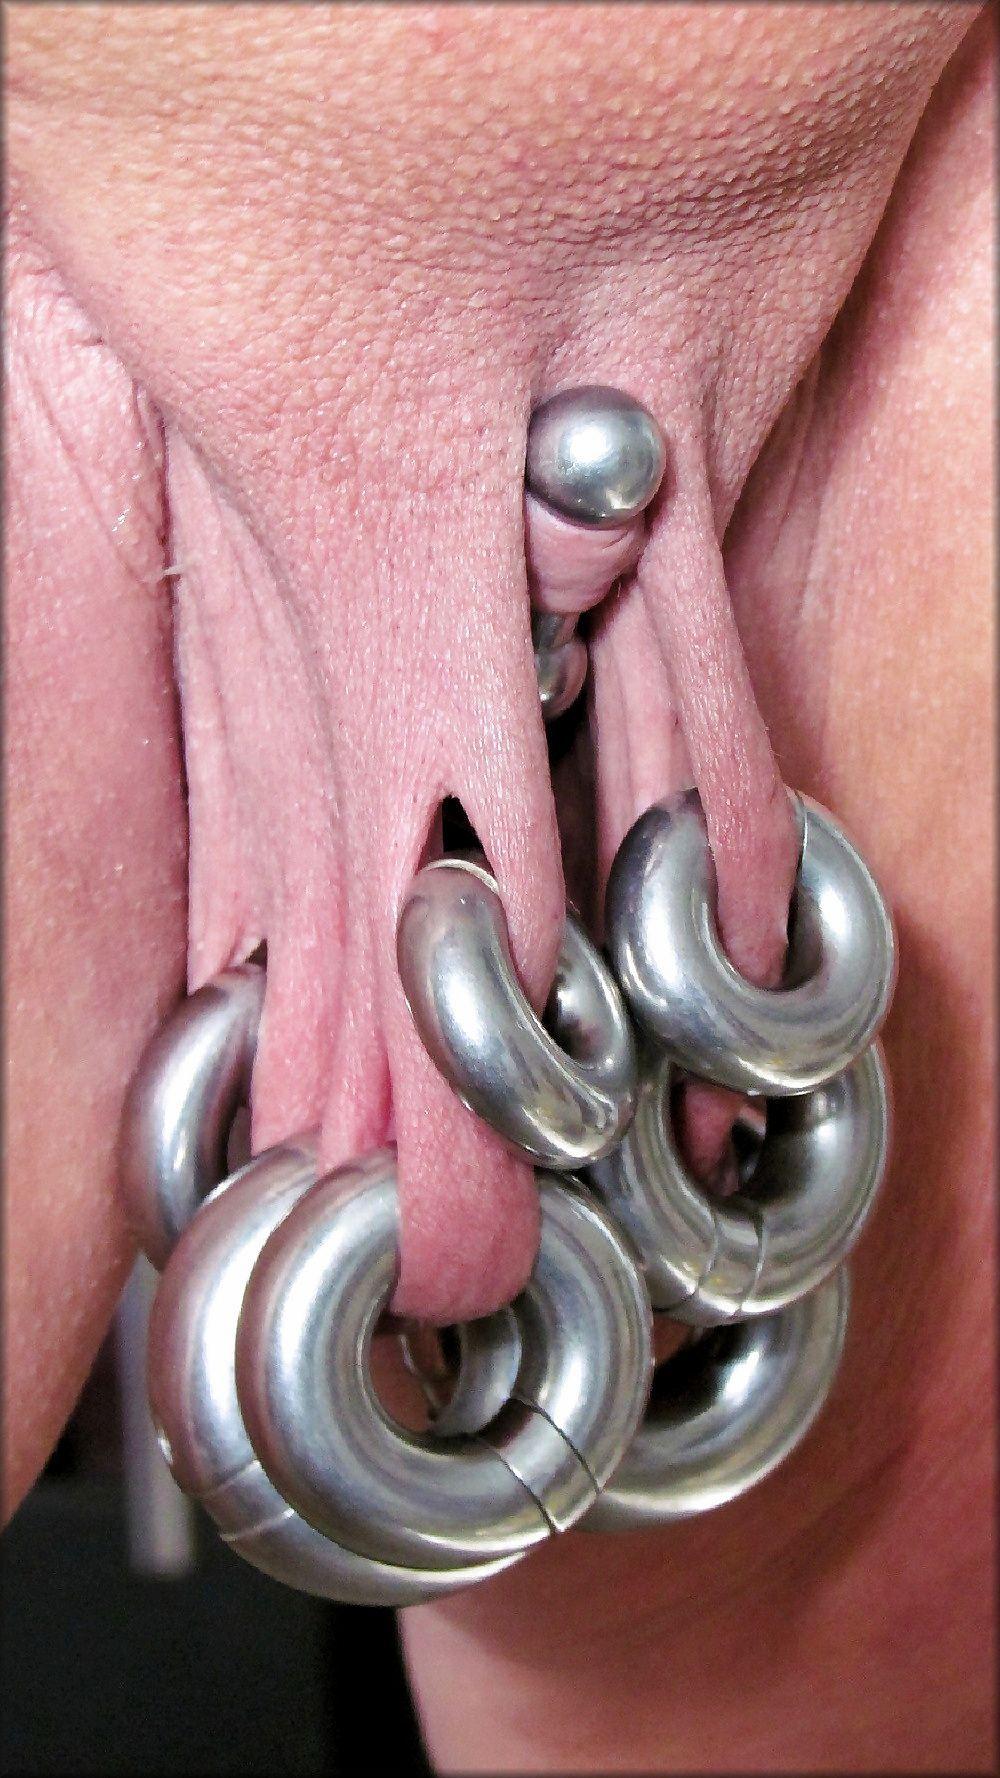 очередь, все супер экстремальный пирсинг женских гениталий дальше можно